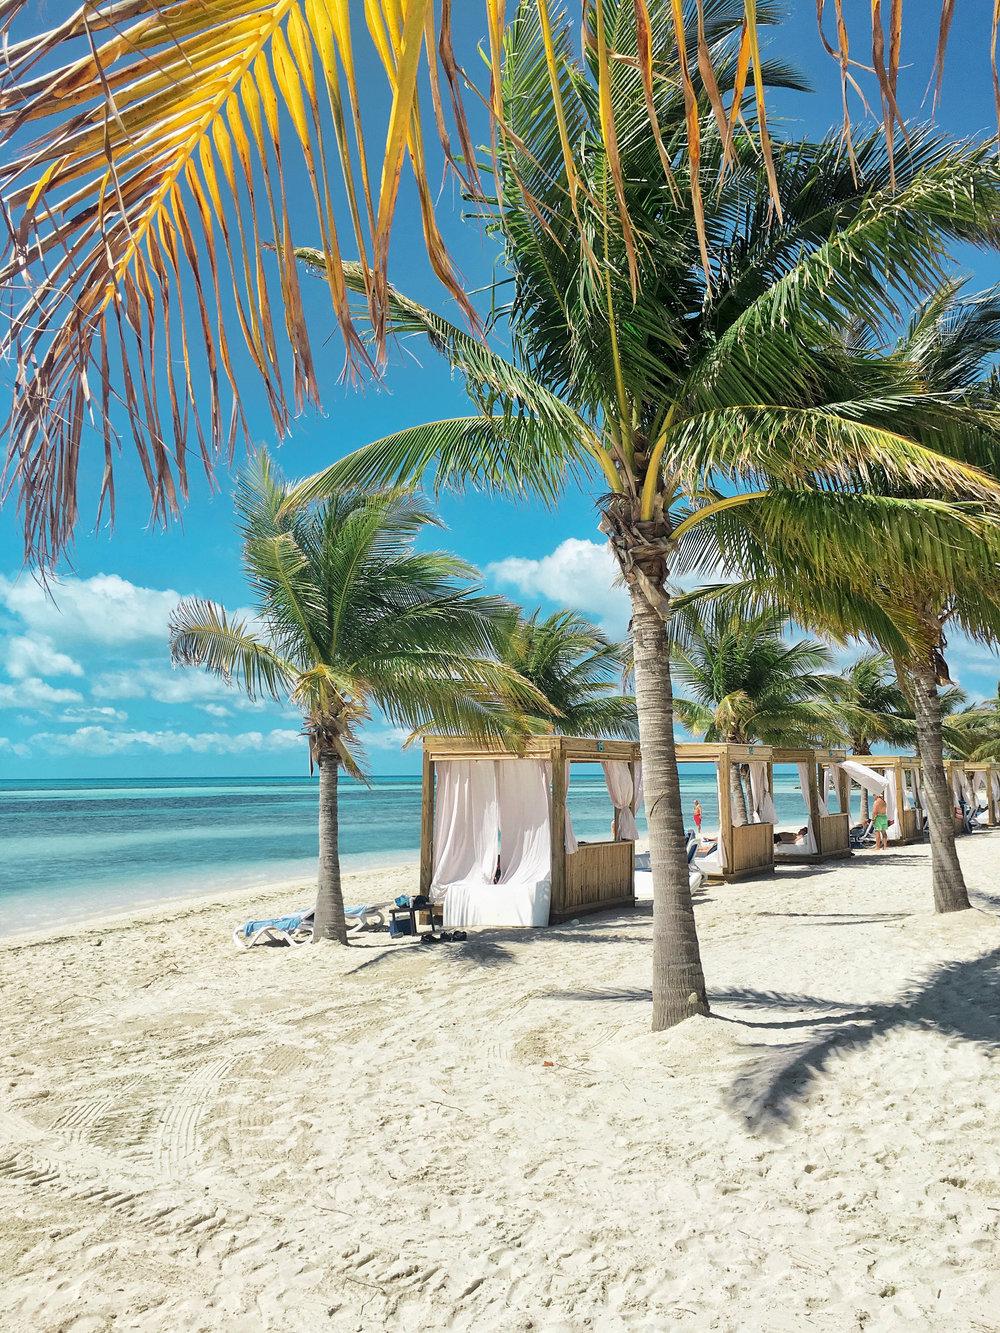 cococay bahamas palm trees